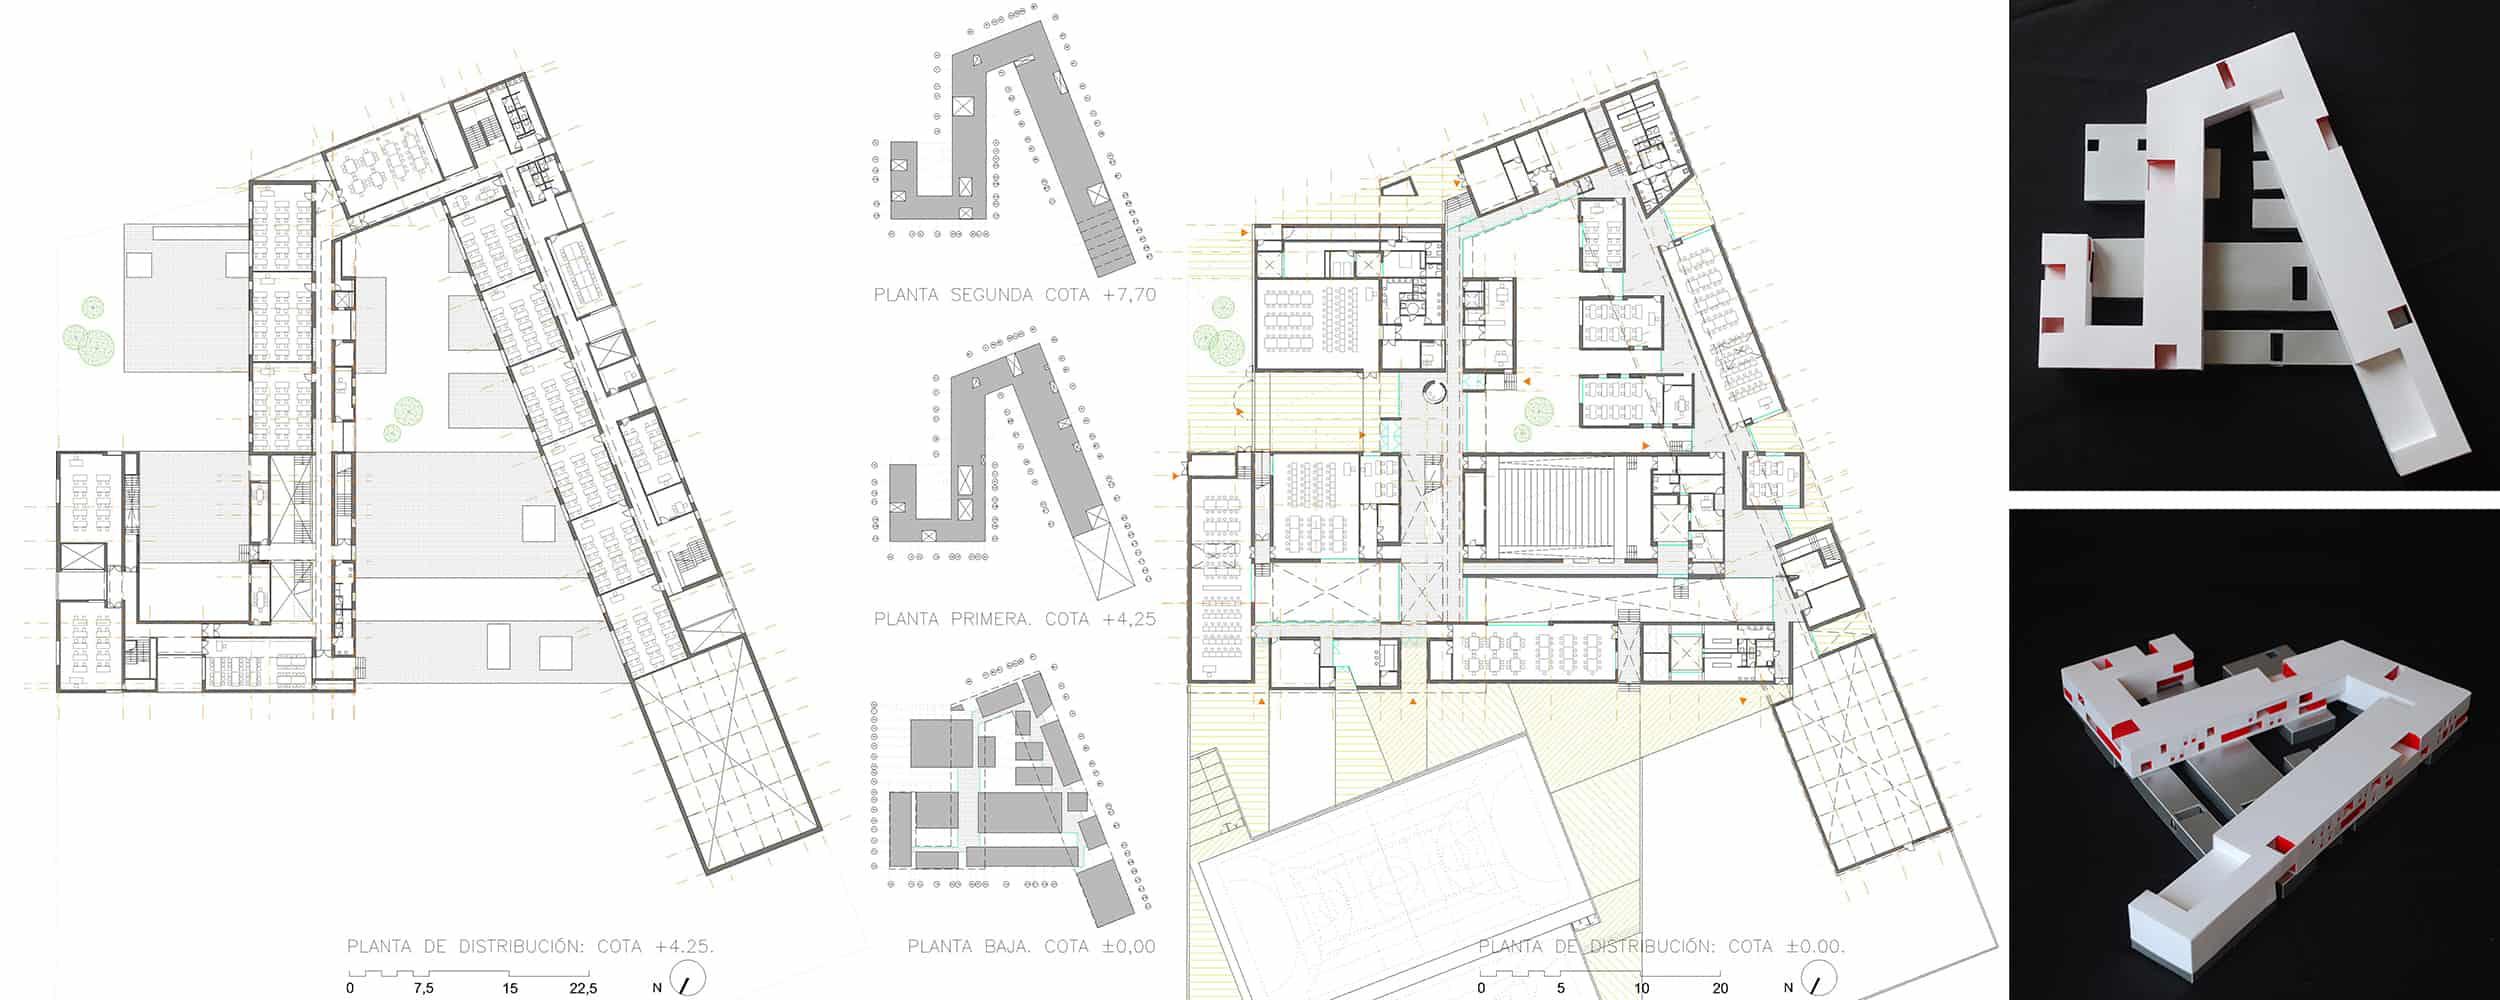 IES Coria - plantas - arquitectura escolar - LANDÍNEZ+REY | eL2Gaa